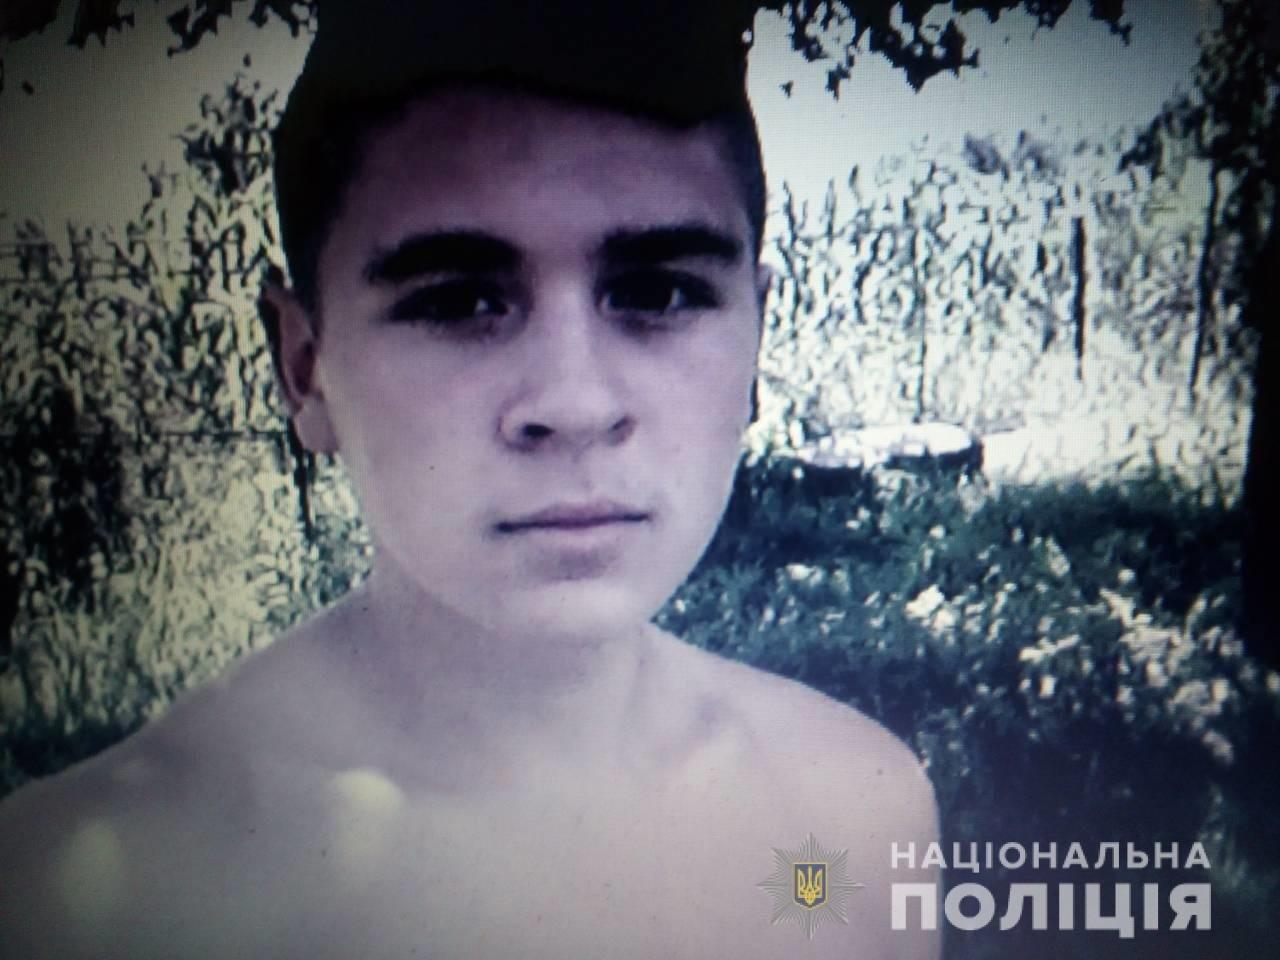 14-річного мешканця Тячівщини, який зник 24 серпня, знайшли у Києві: хлопець дістався столиці потягом, фото-1